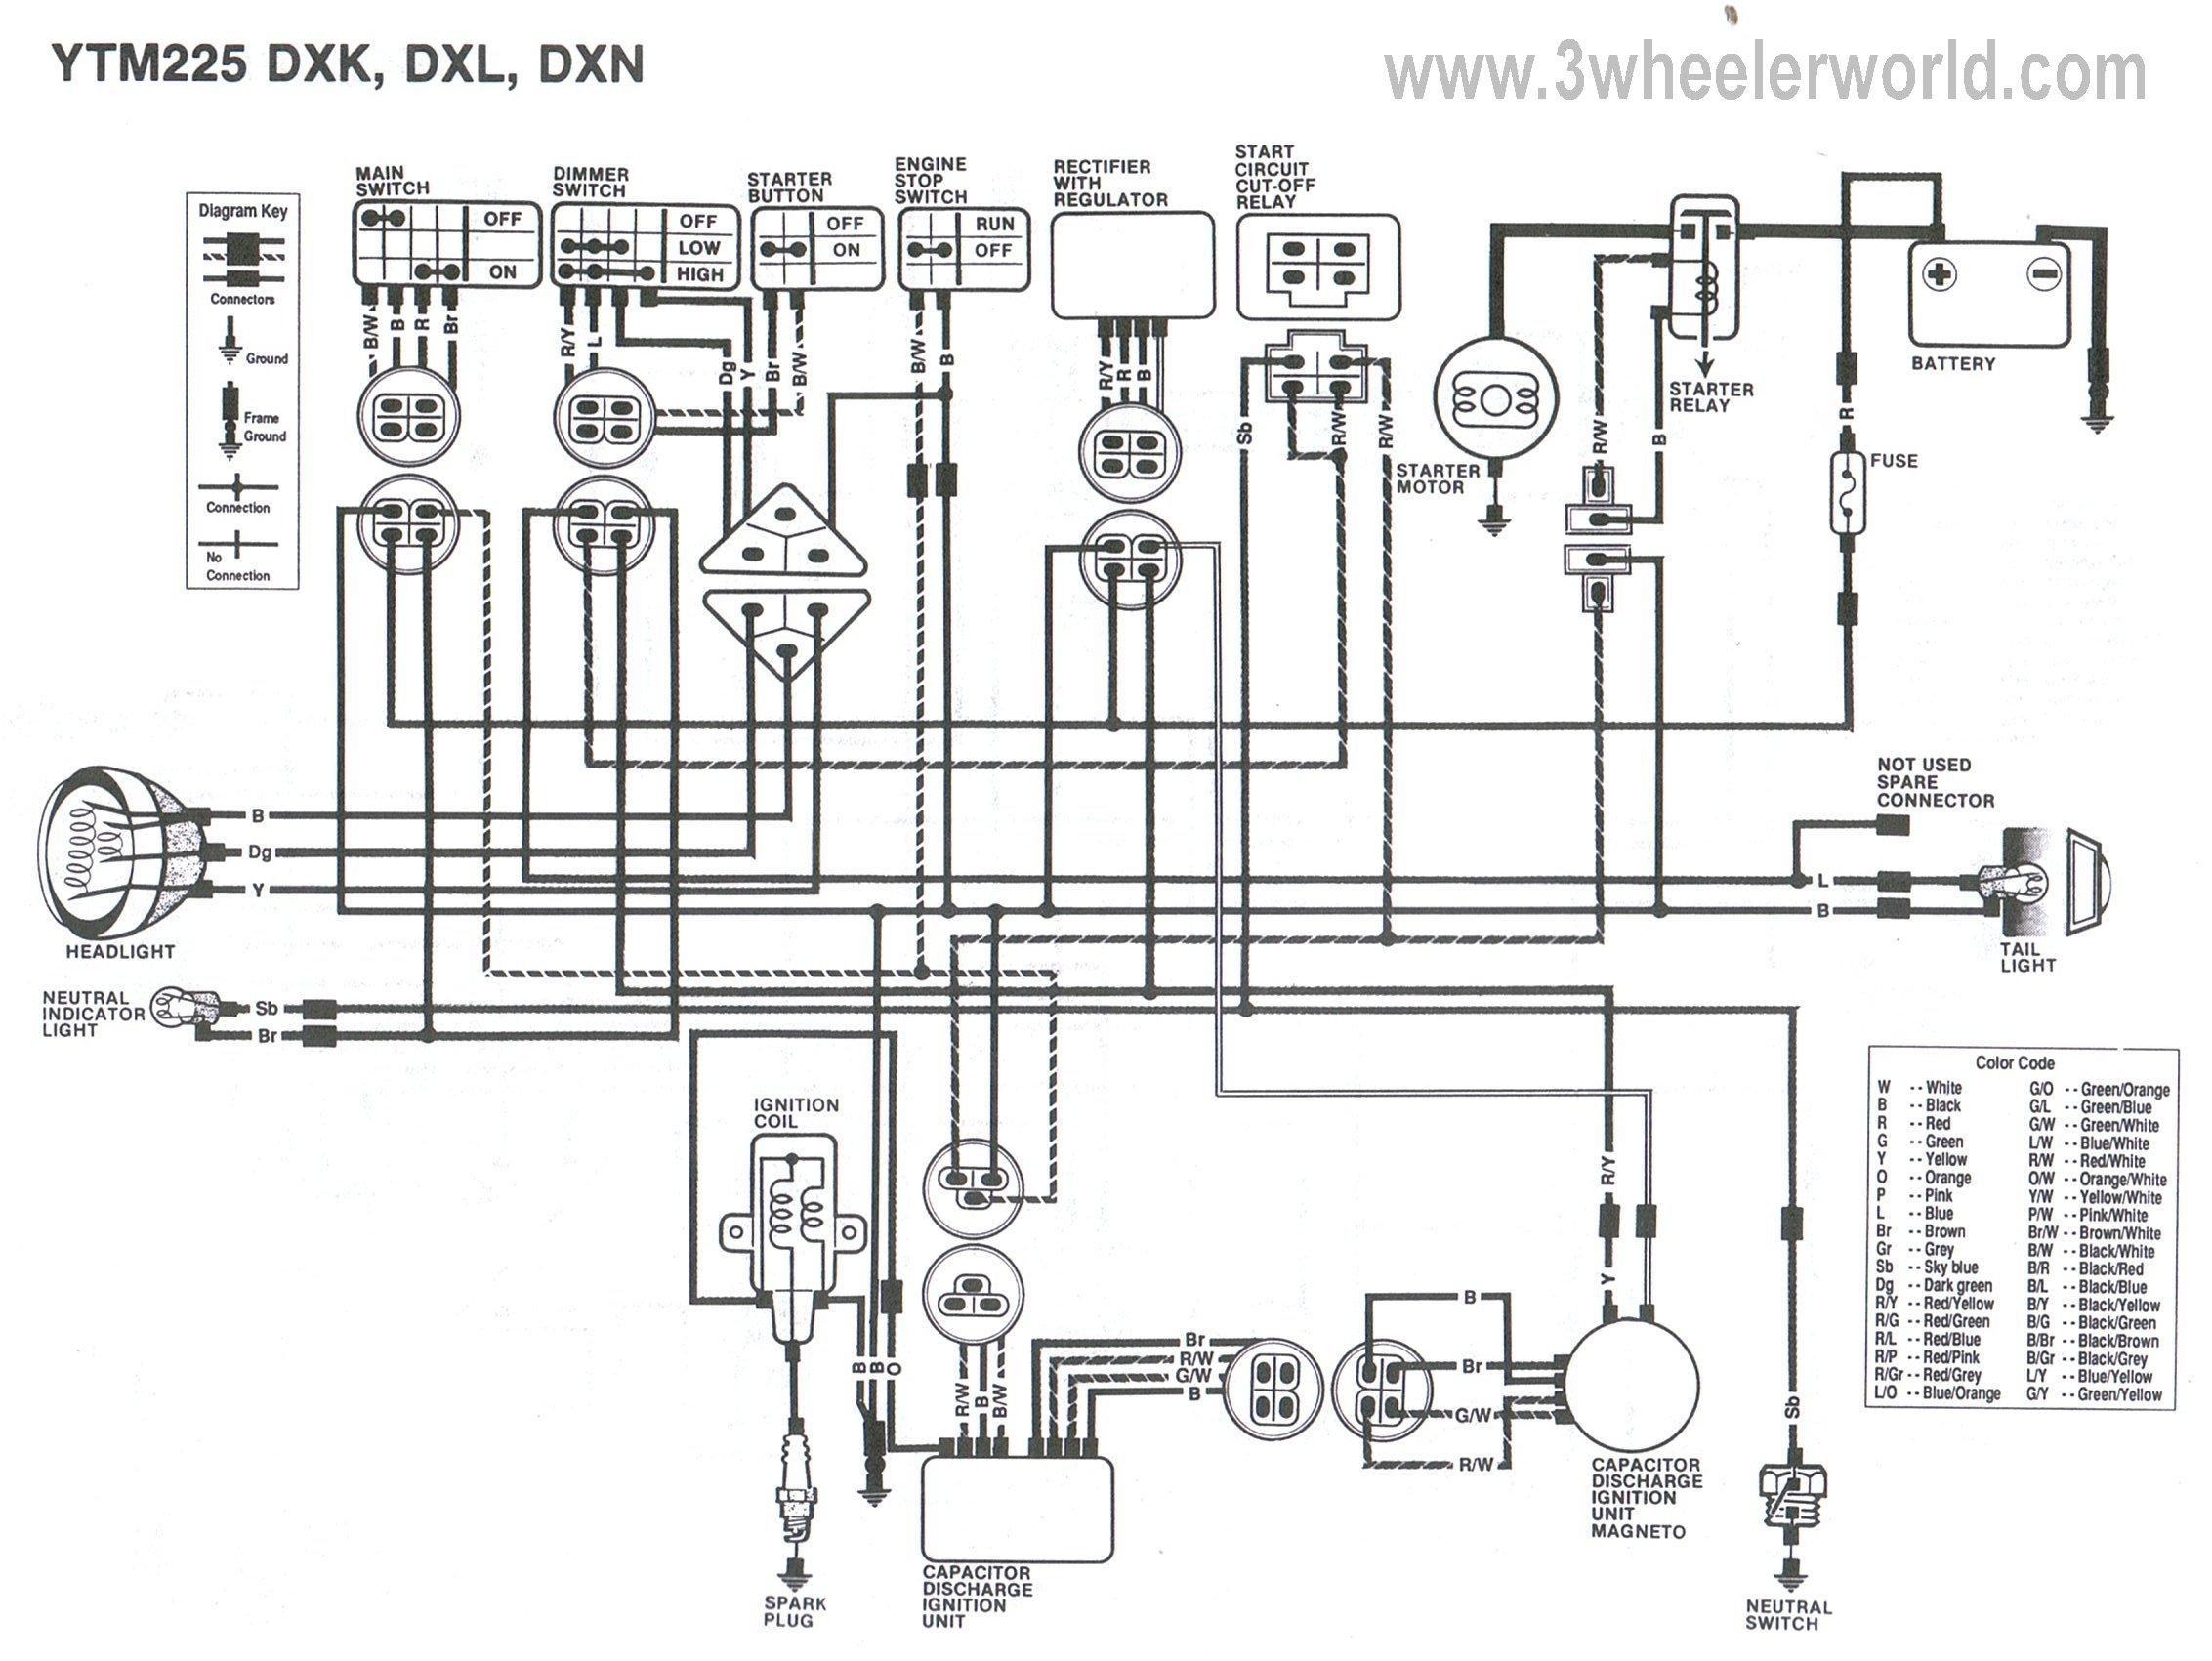 Surprising Yamaha Mint Wiring Diagram Wiring Diagram Wiring Cloud Staixaidewilluminateatxorg